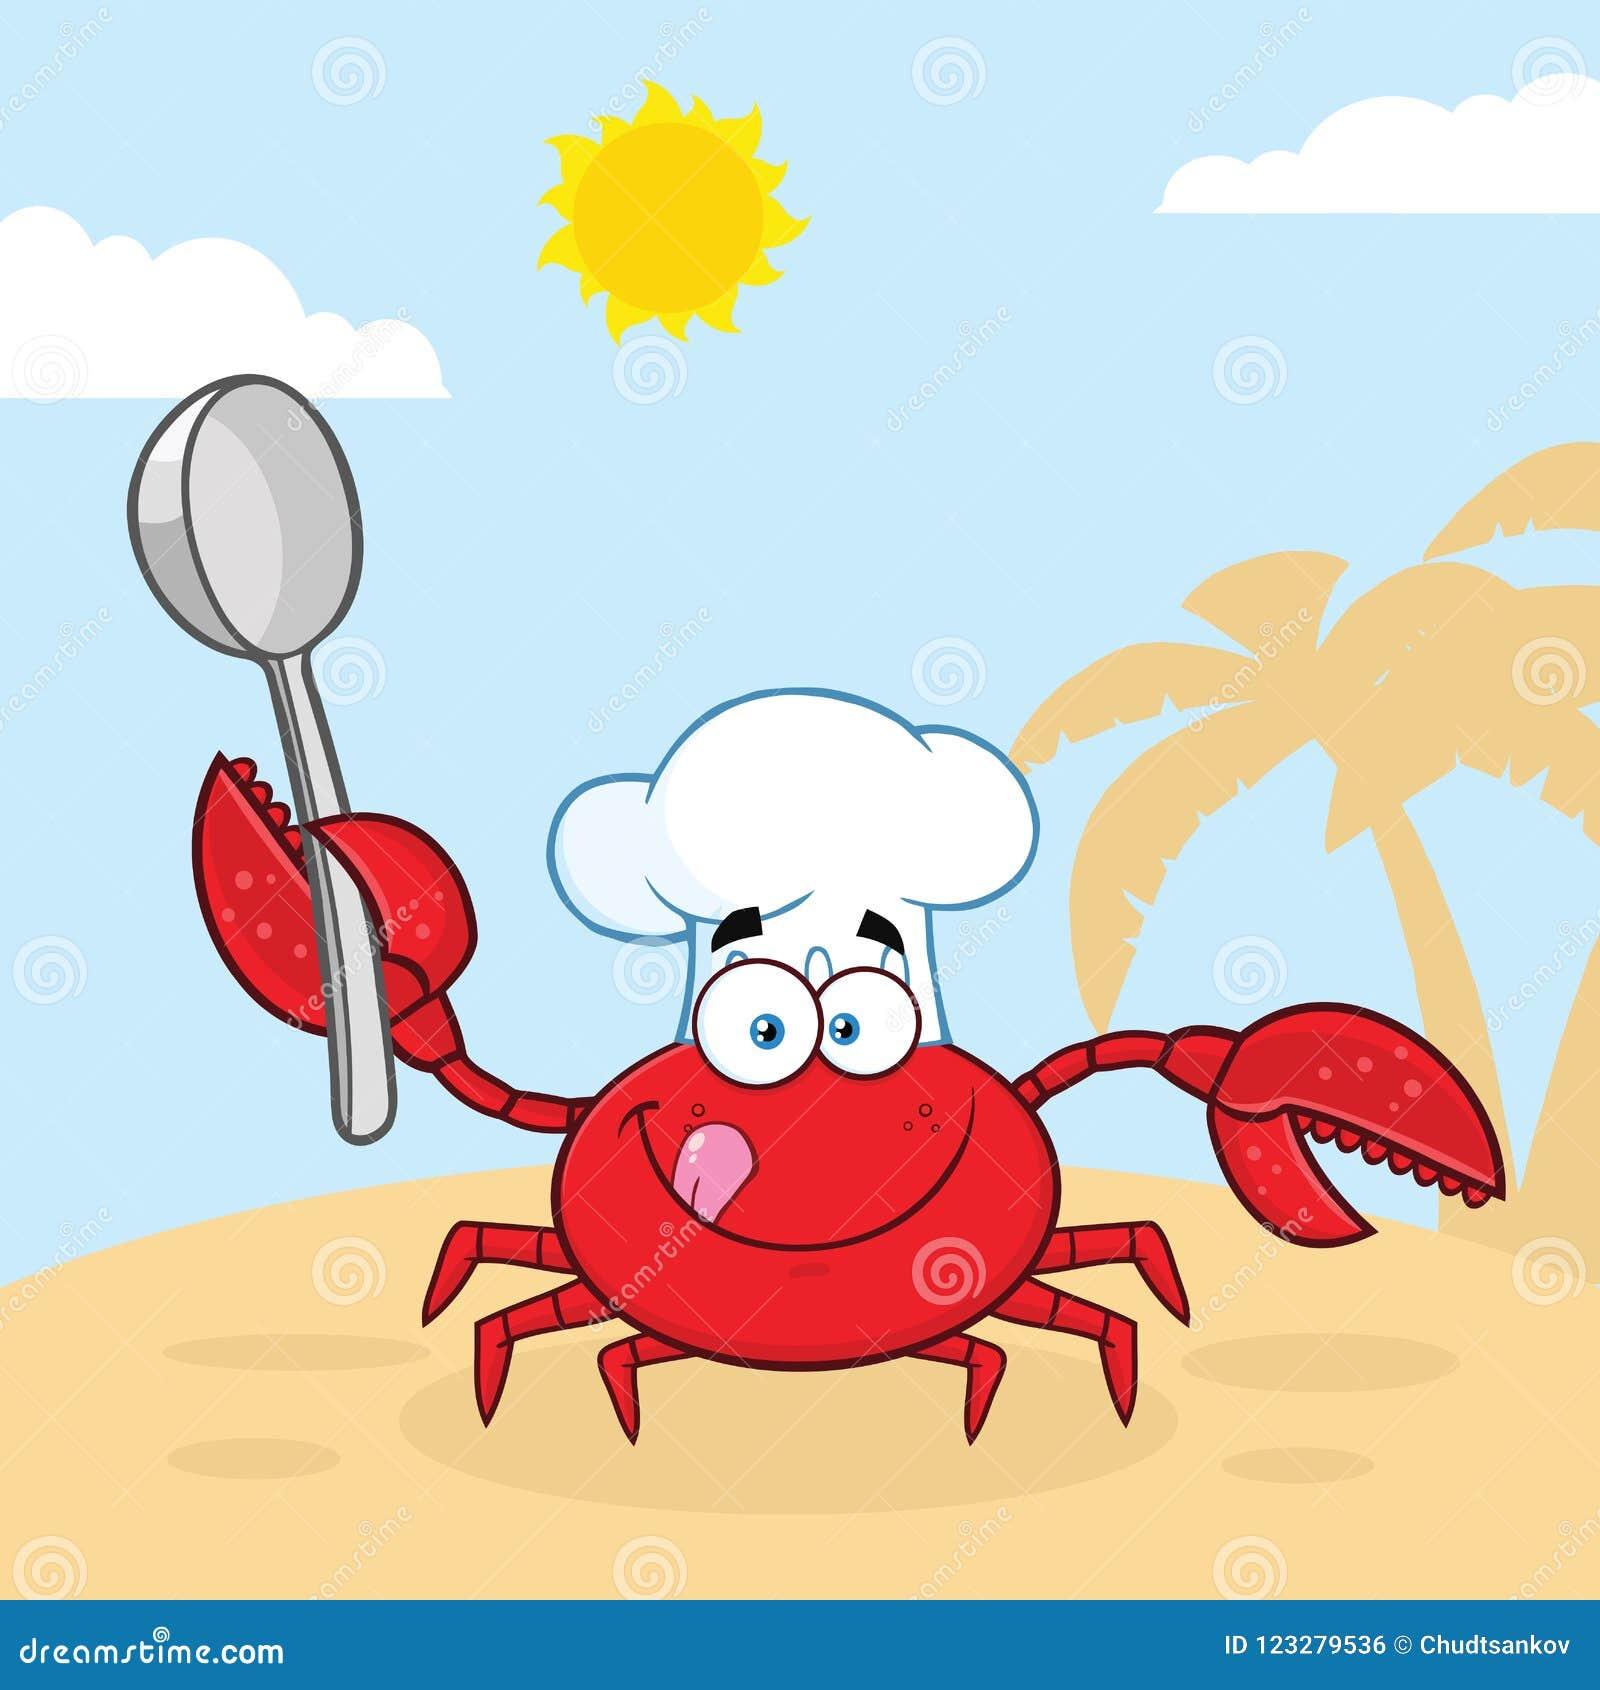 Krabbakock Cartoon Mascot Character som rymmer en sked